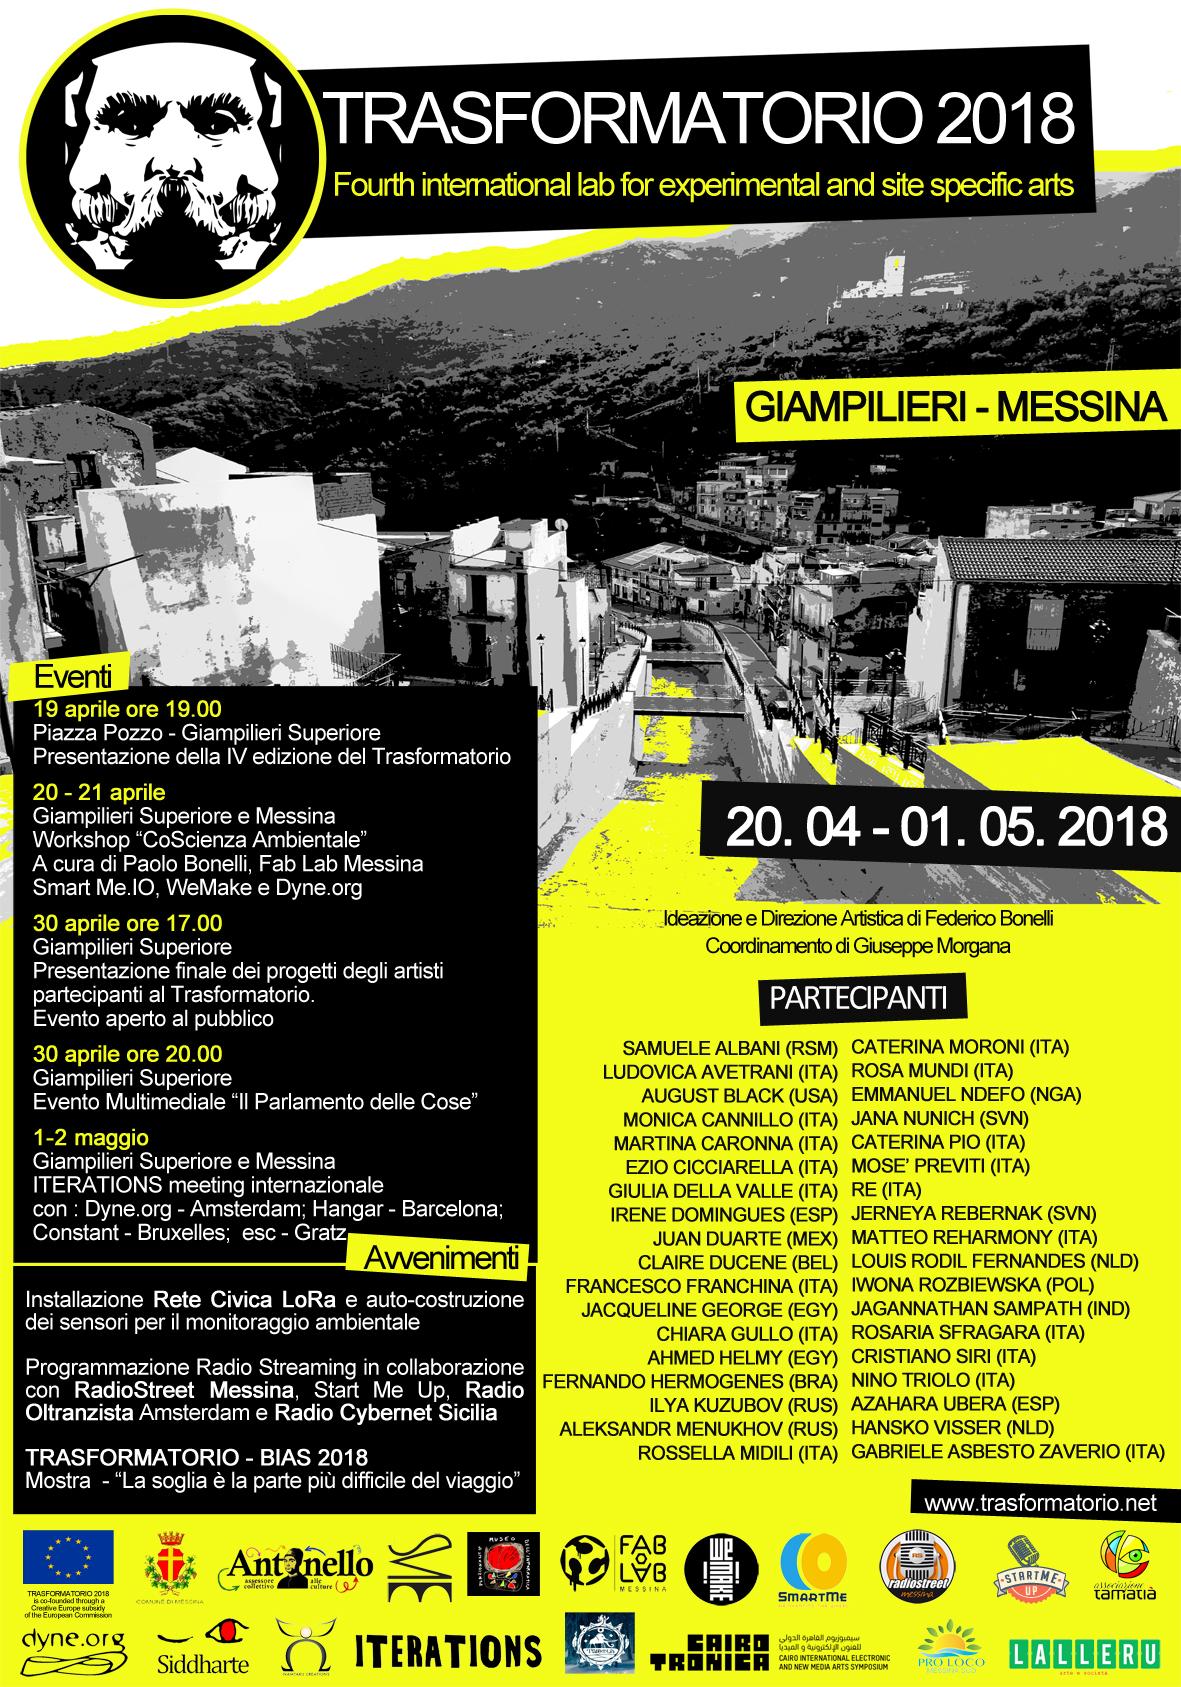 Comunicato Stampa/PRESS RELEASE